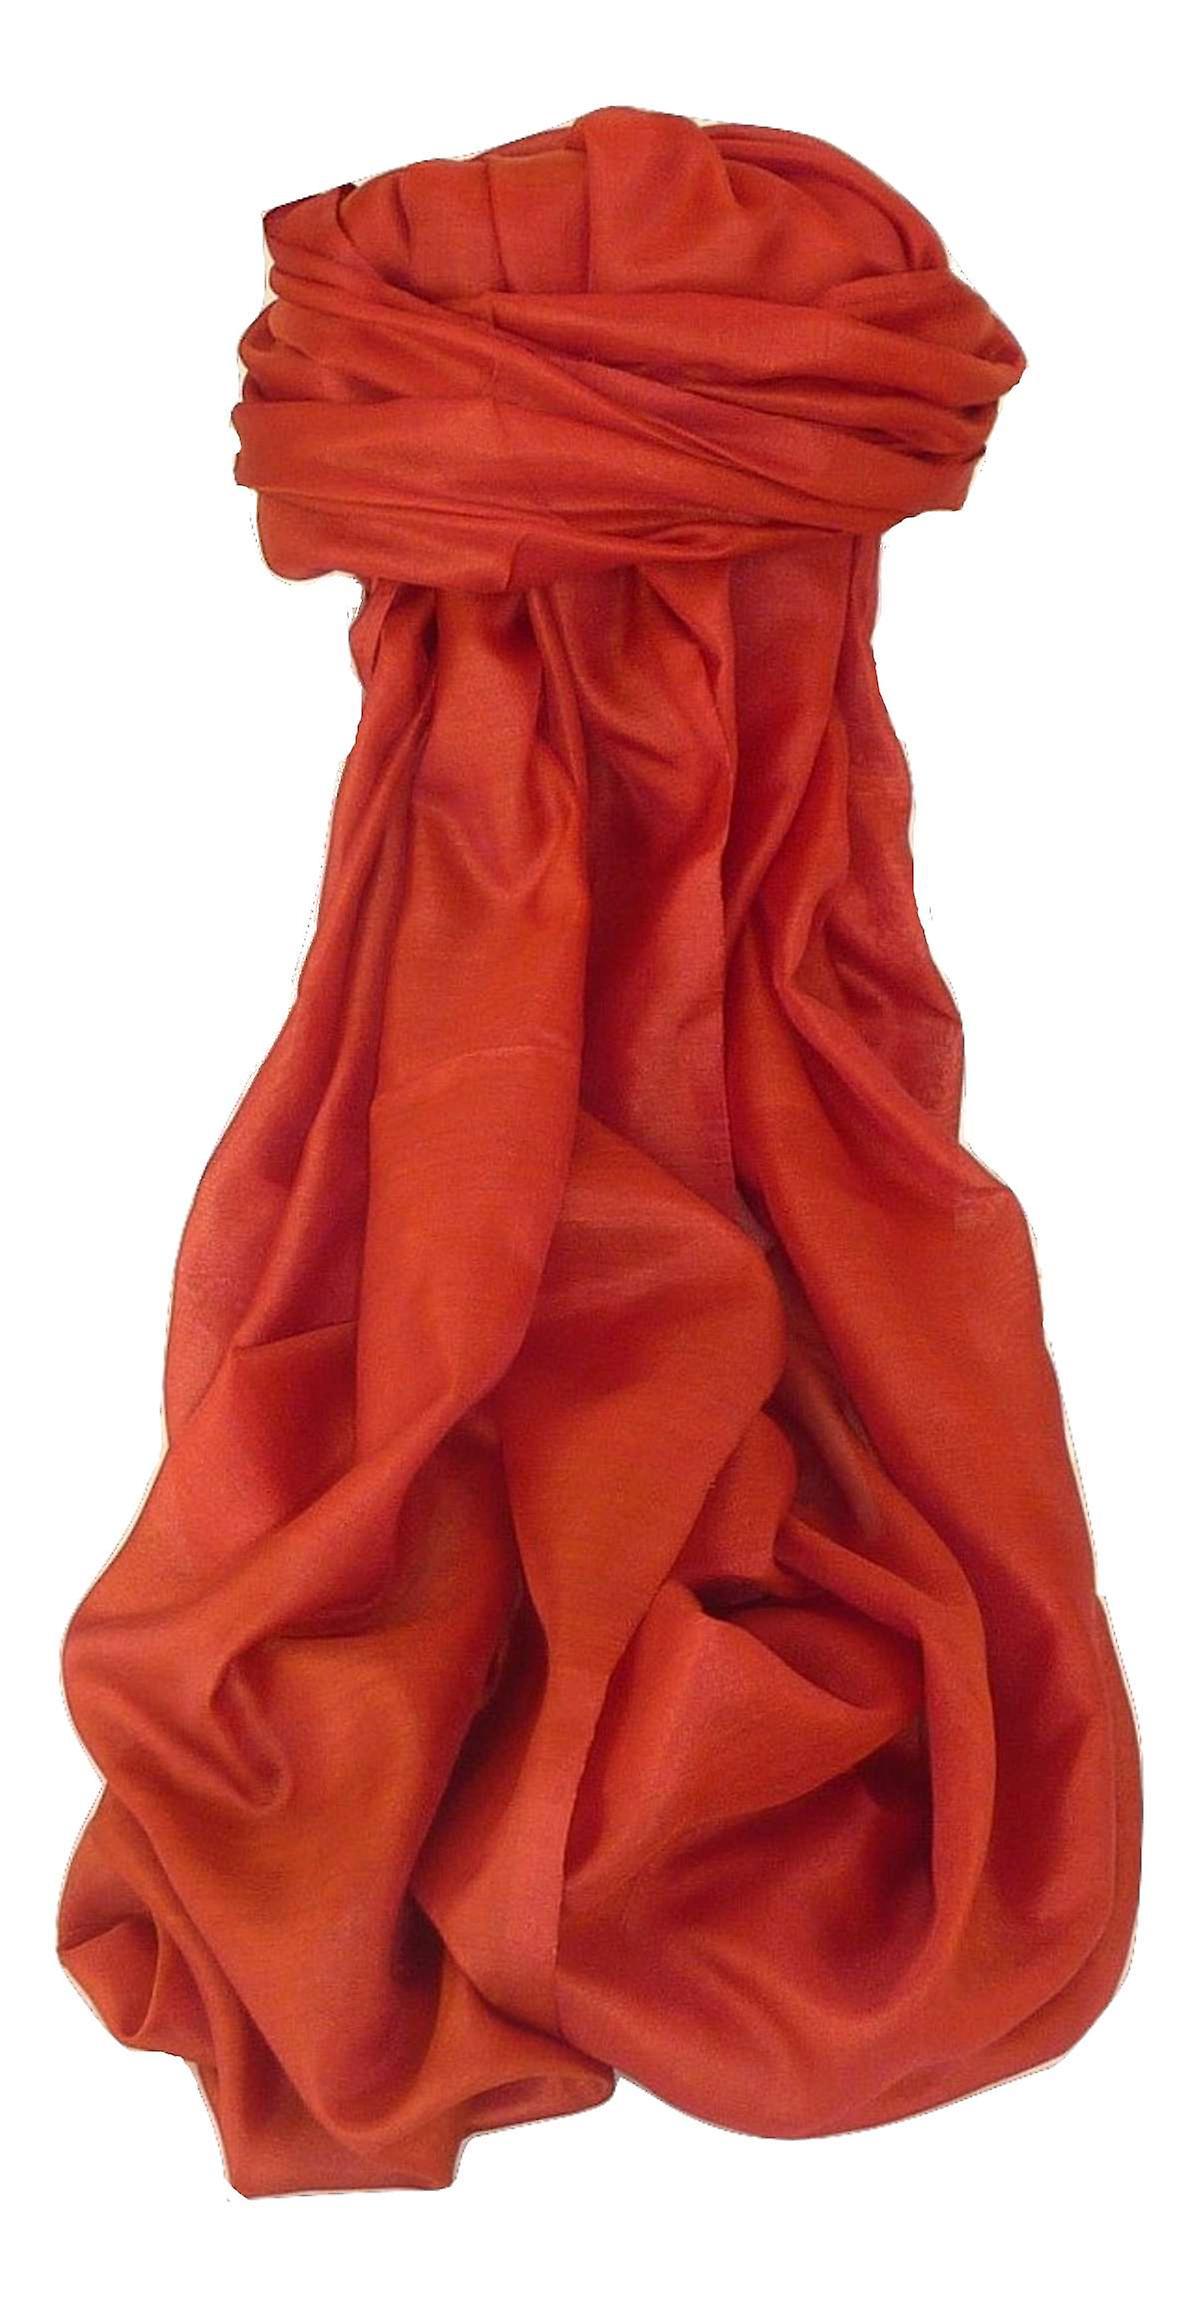 Varanasi Silk Long Scarf Heritage Range Gunneswaran 4 by Pashmina & Silk